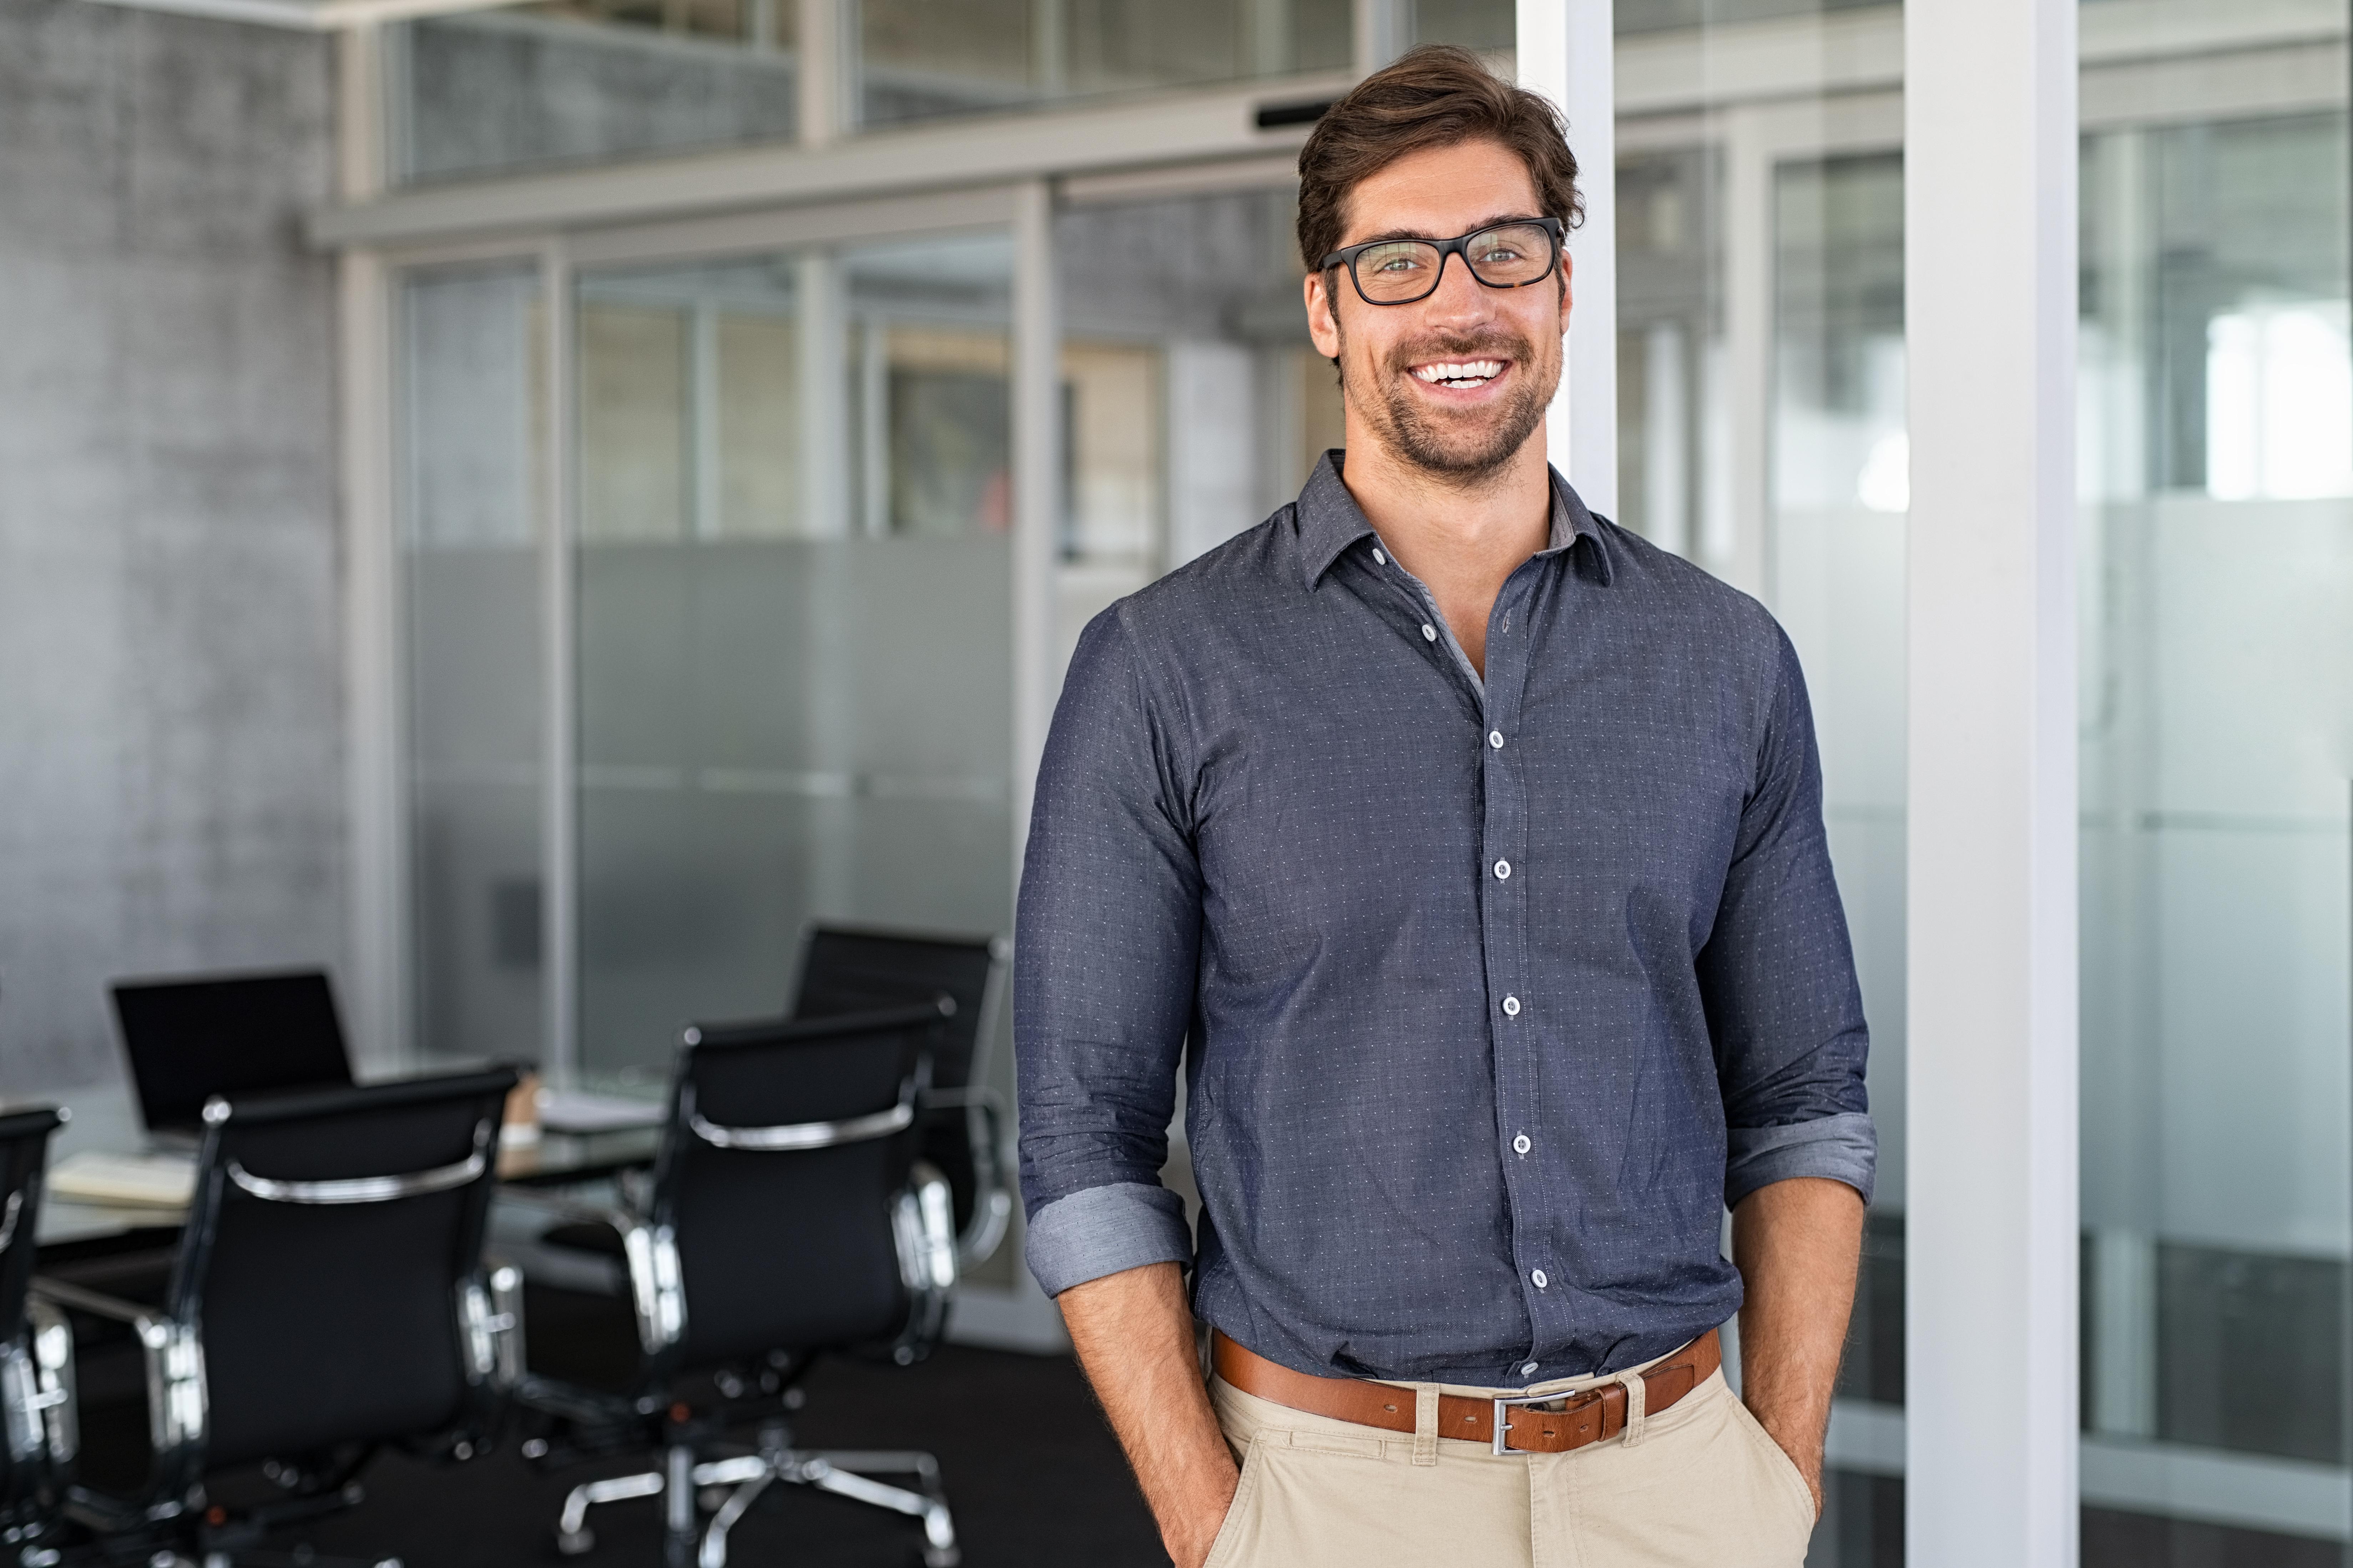 Бизнесмен, который может переехать в США по бизнесу